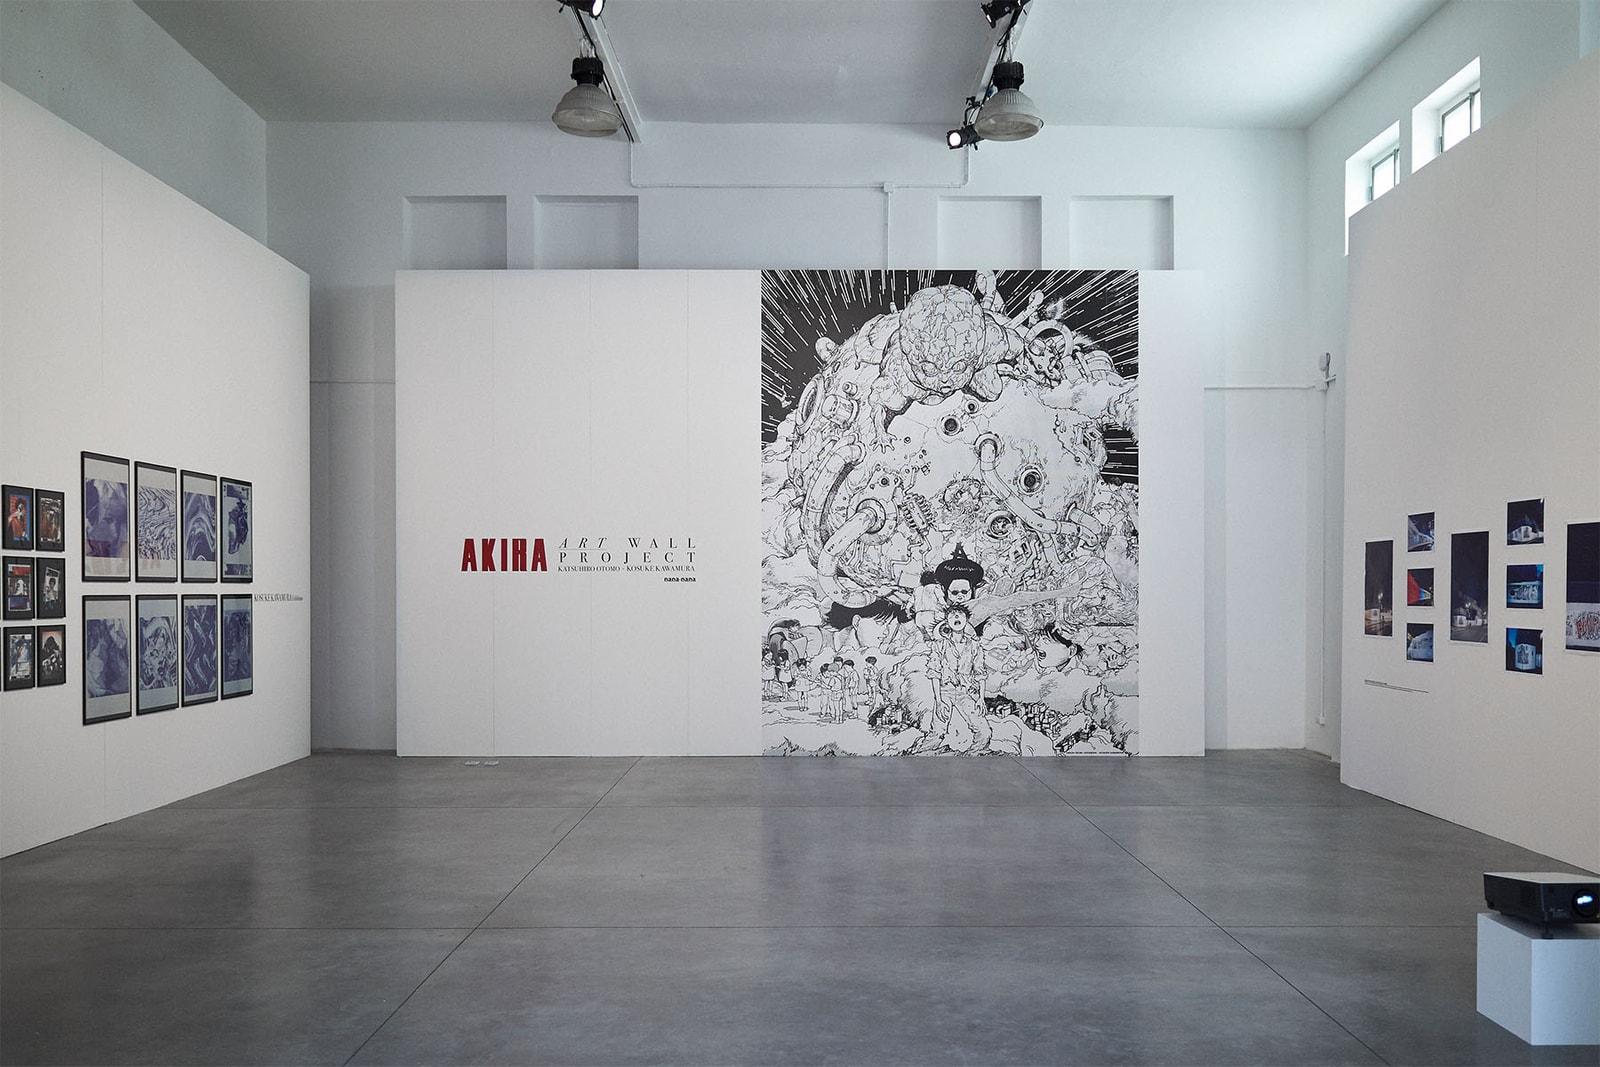 アキラ 大友克洋 河村康輔と nana-nana のディレクターが明かす AKIRA ART WALL の舞台裏